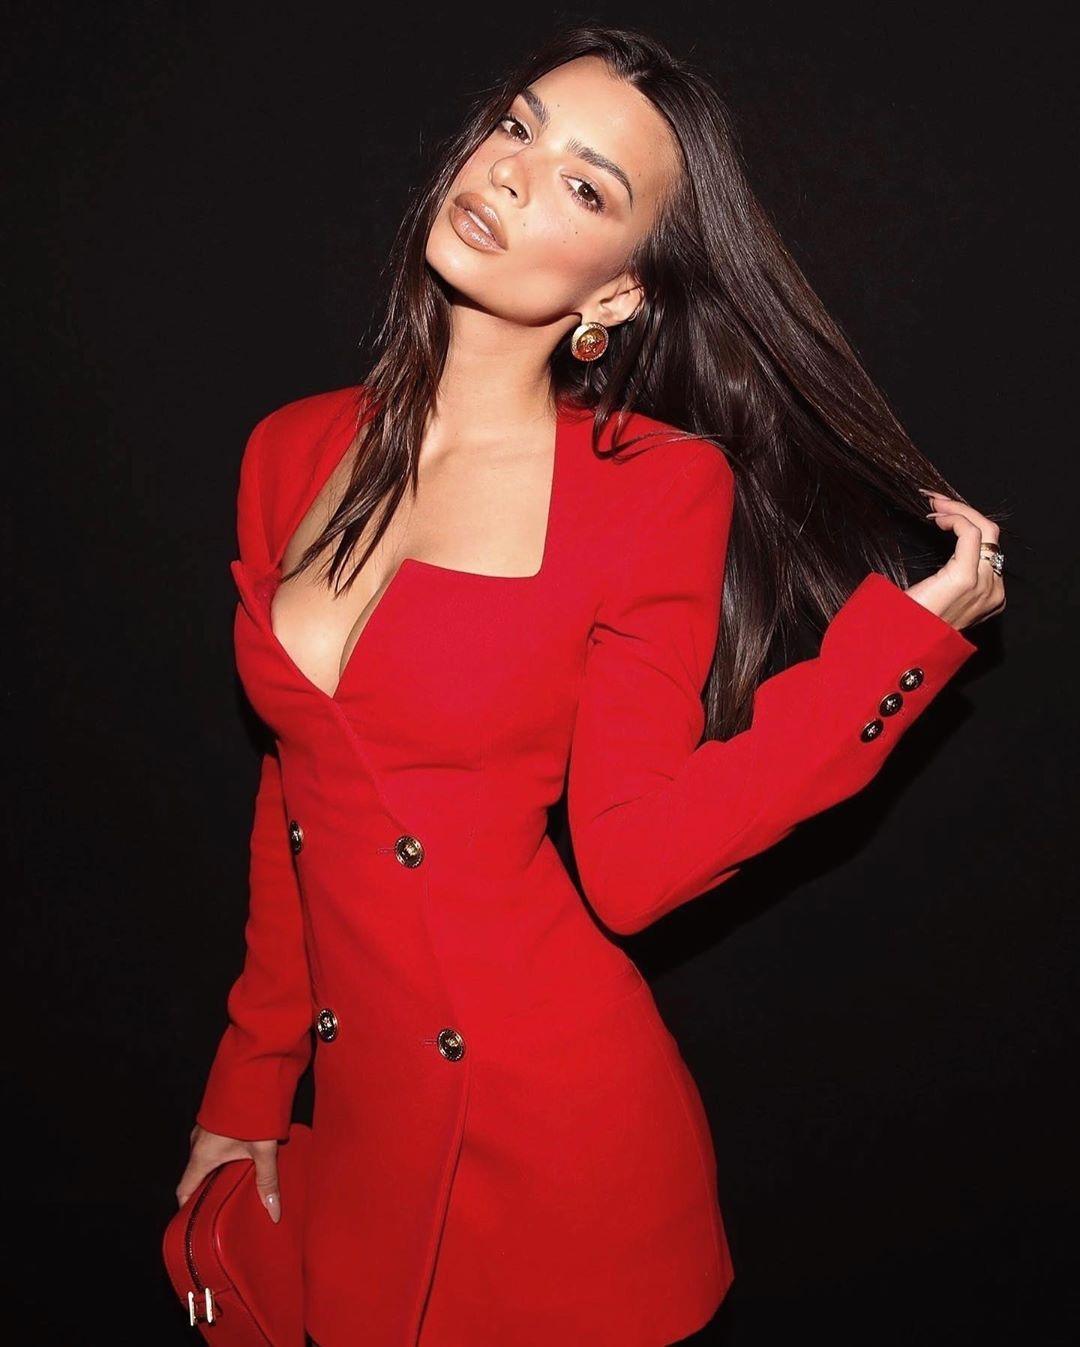 Модель и актриса Эмили Ратайковски выпустила свою коллекцию одежды с акцентом на чувственность